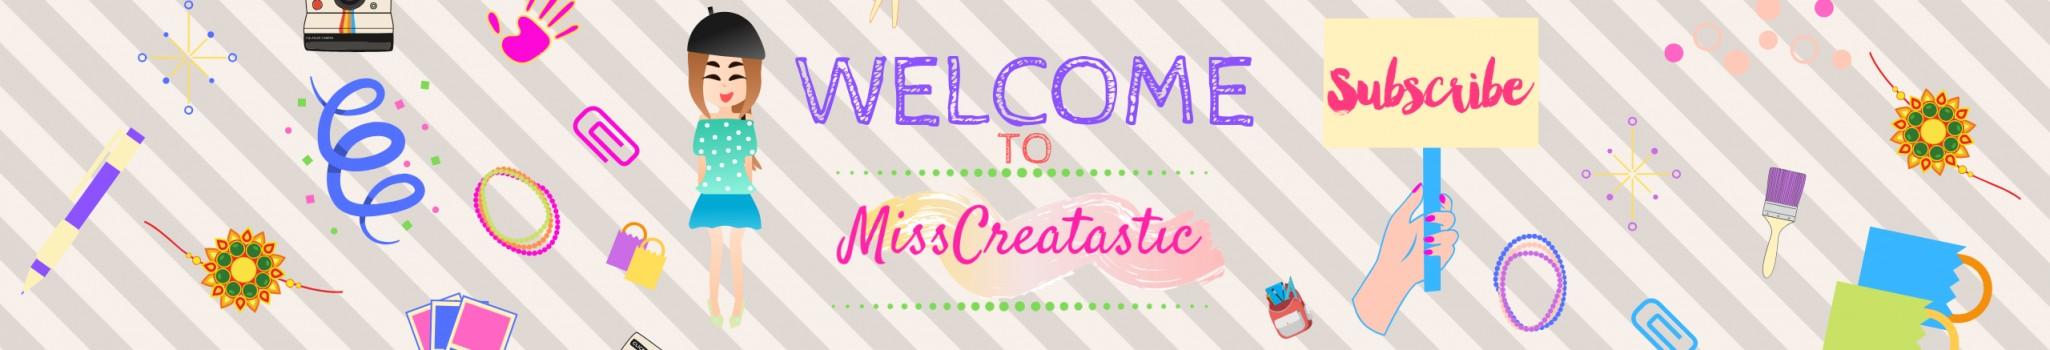 MissCreatastic